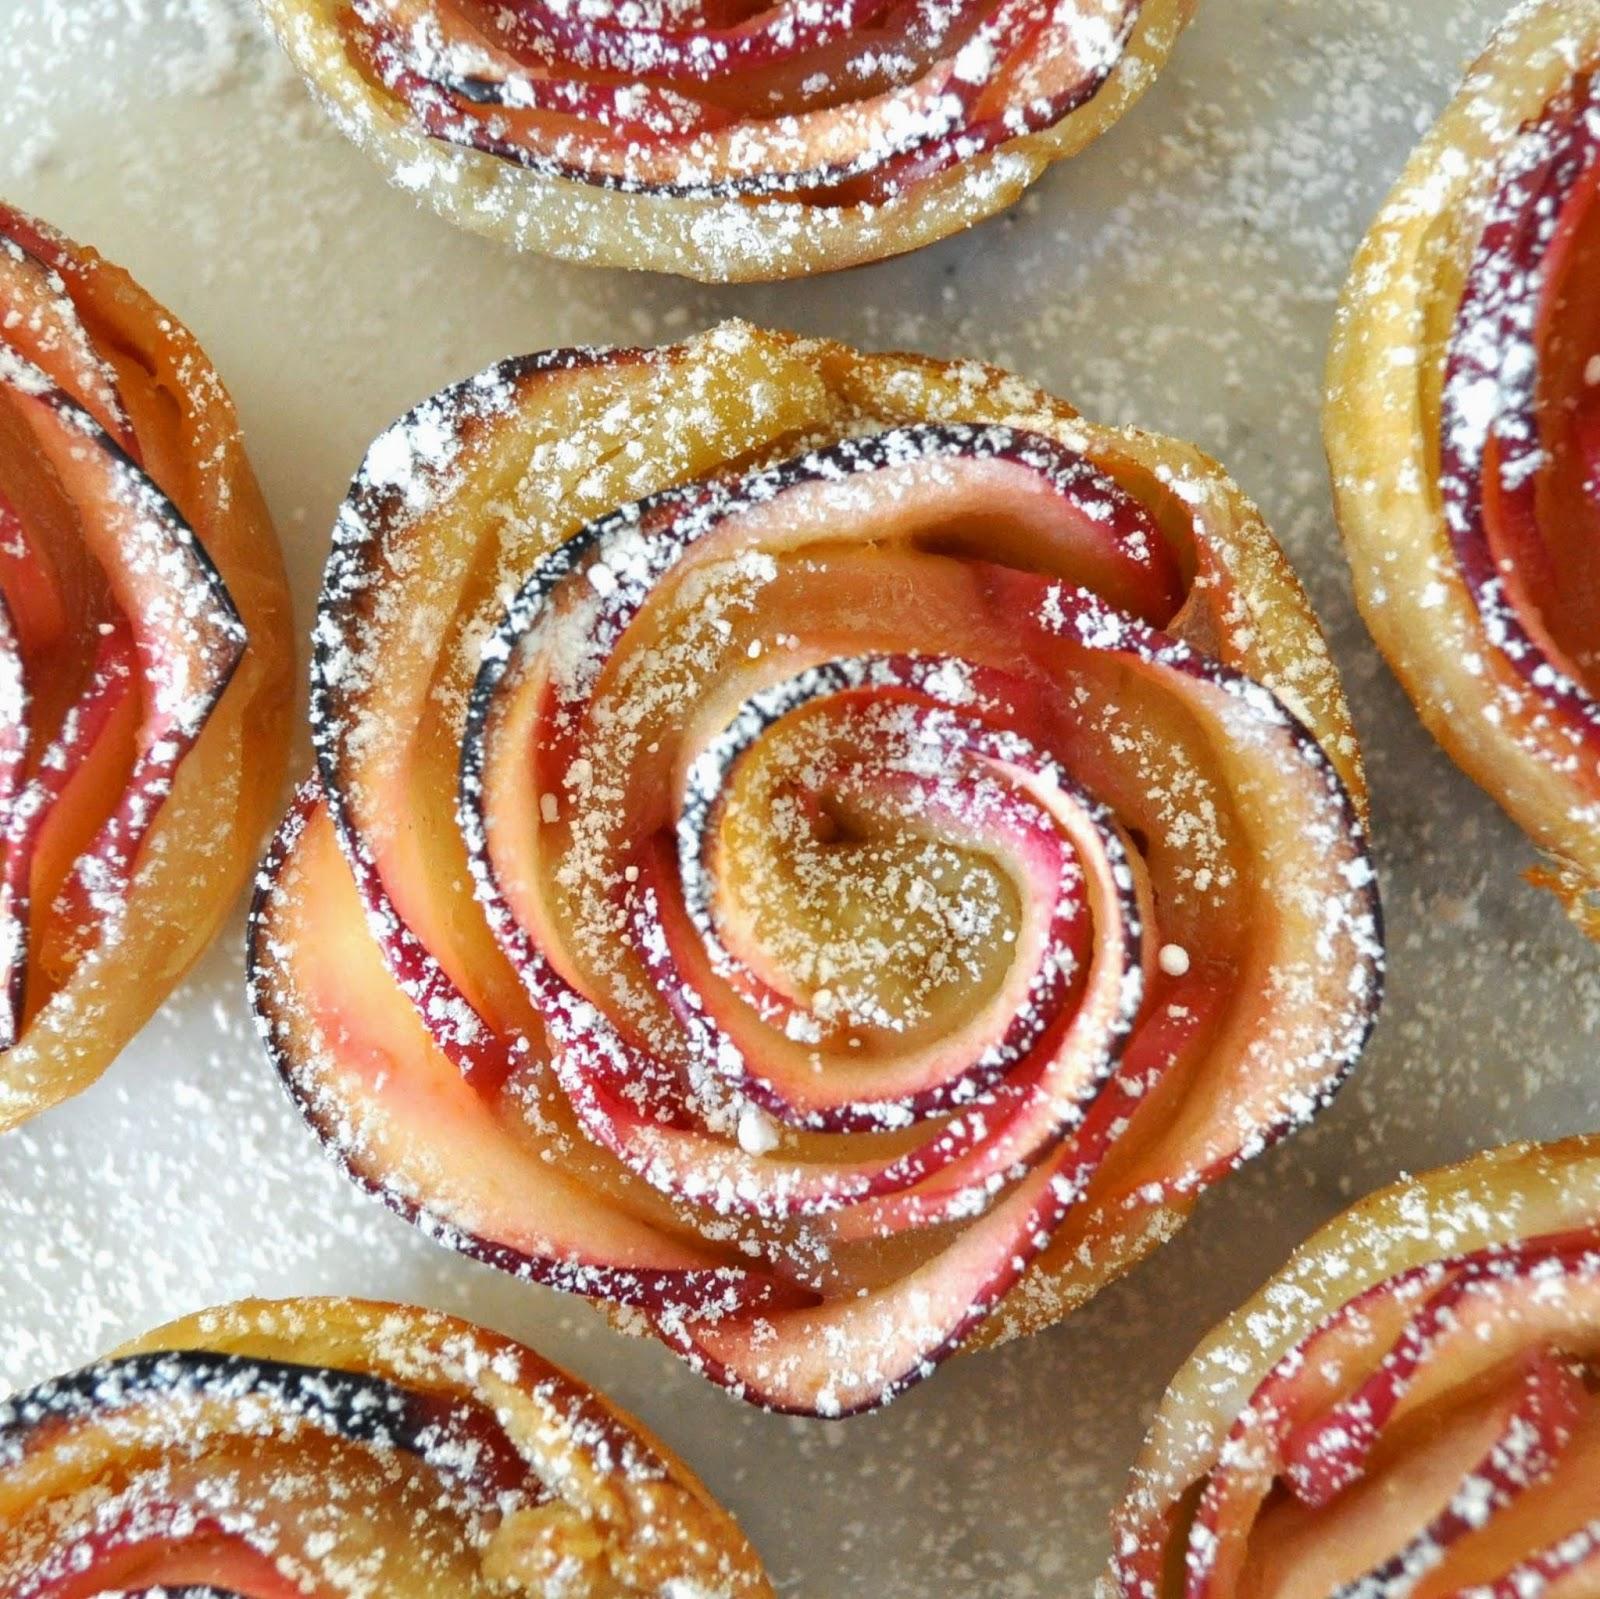 출처 : http://cookingwithmanuela.blogspot.kr/2015/03/apple-roses.html#more